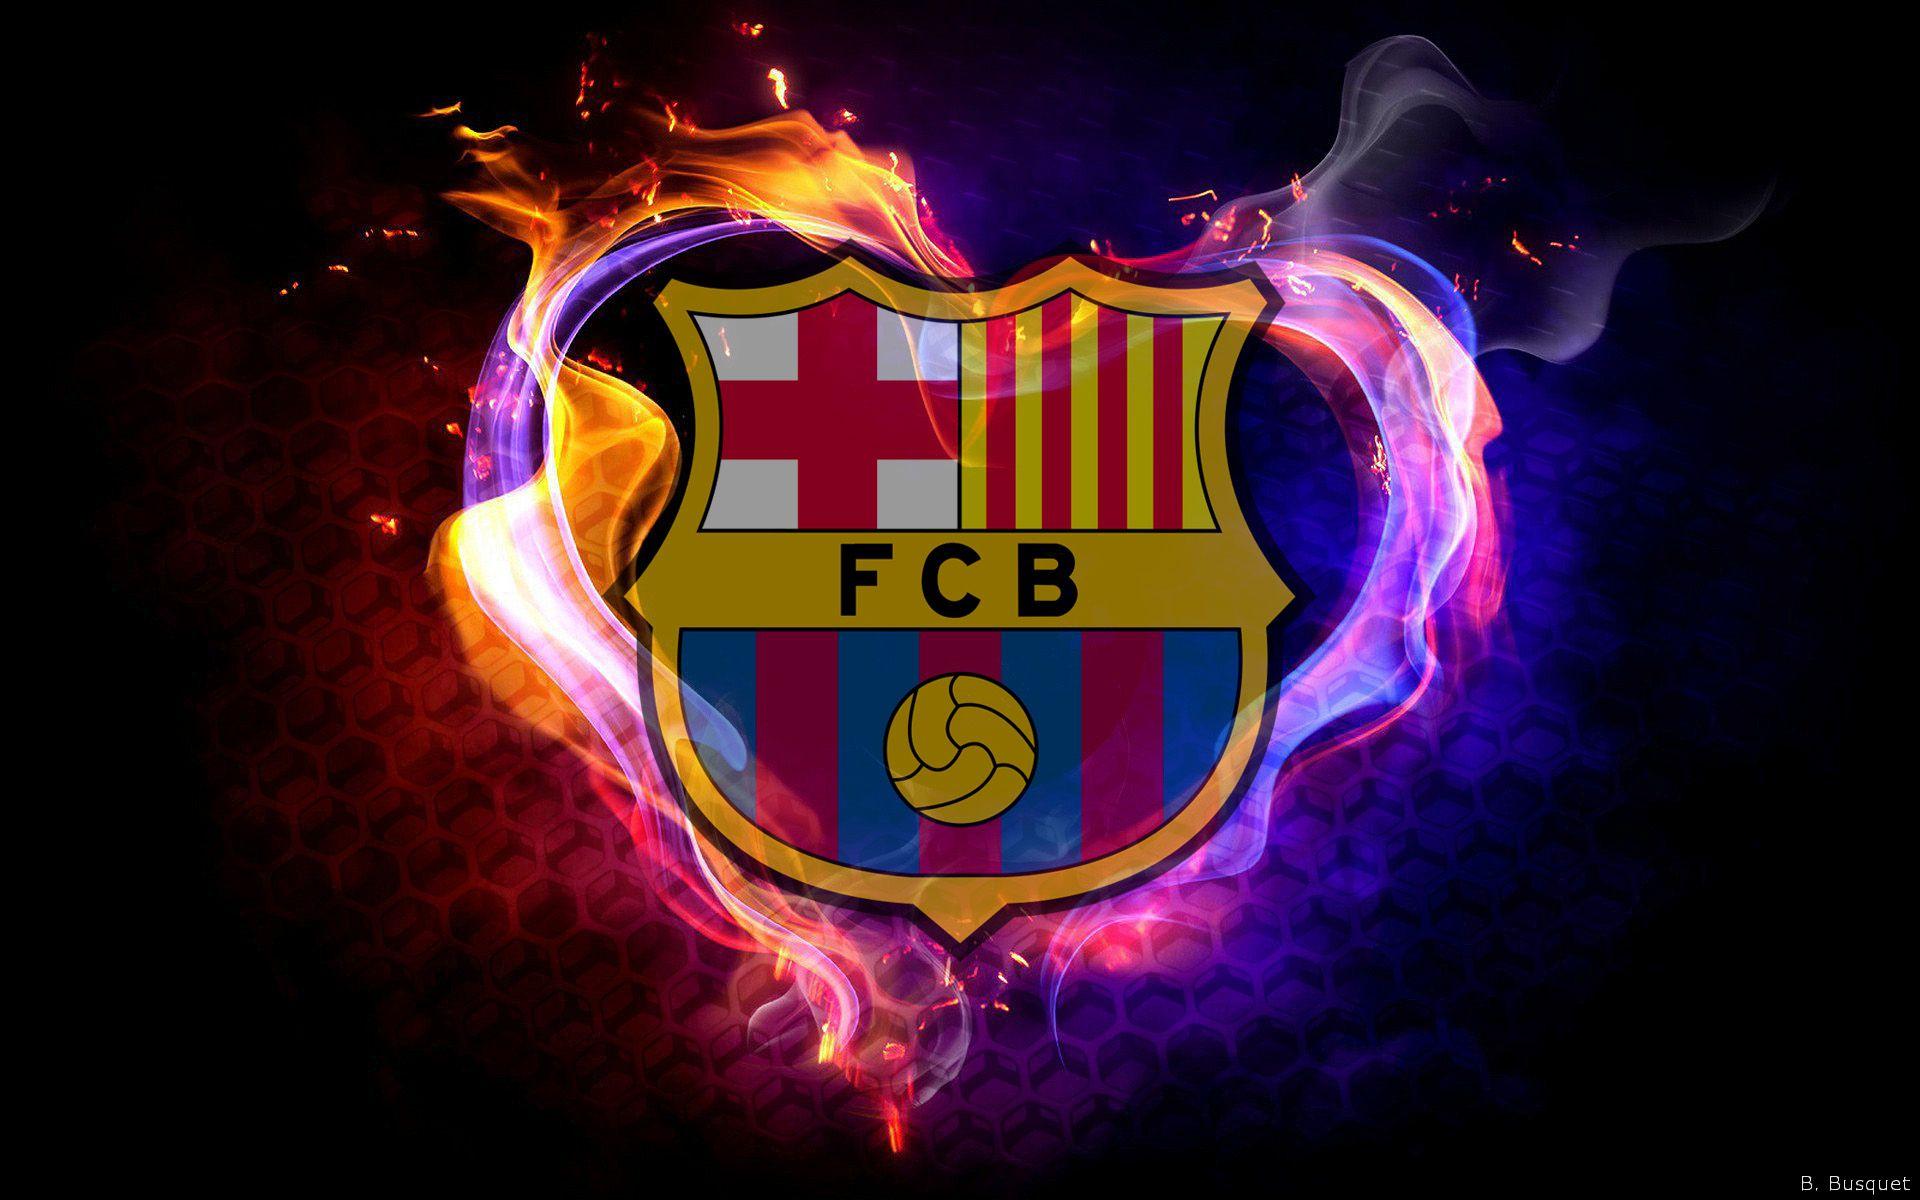 Barcelona football club wallpaper football wallpaper hd for Club de fumadores barcelona